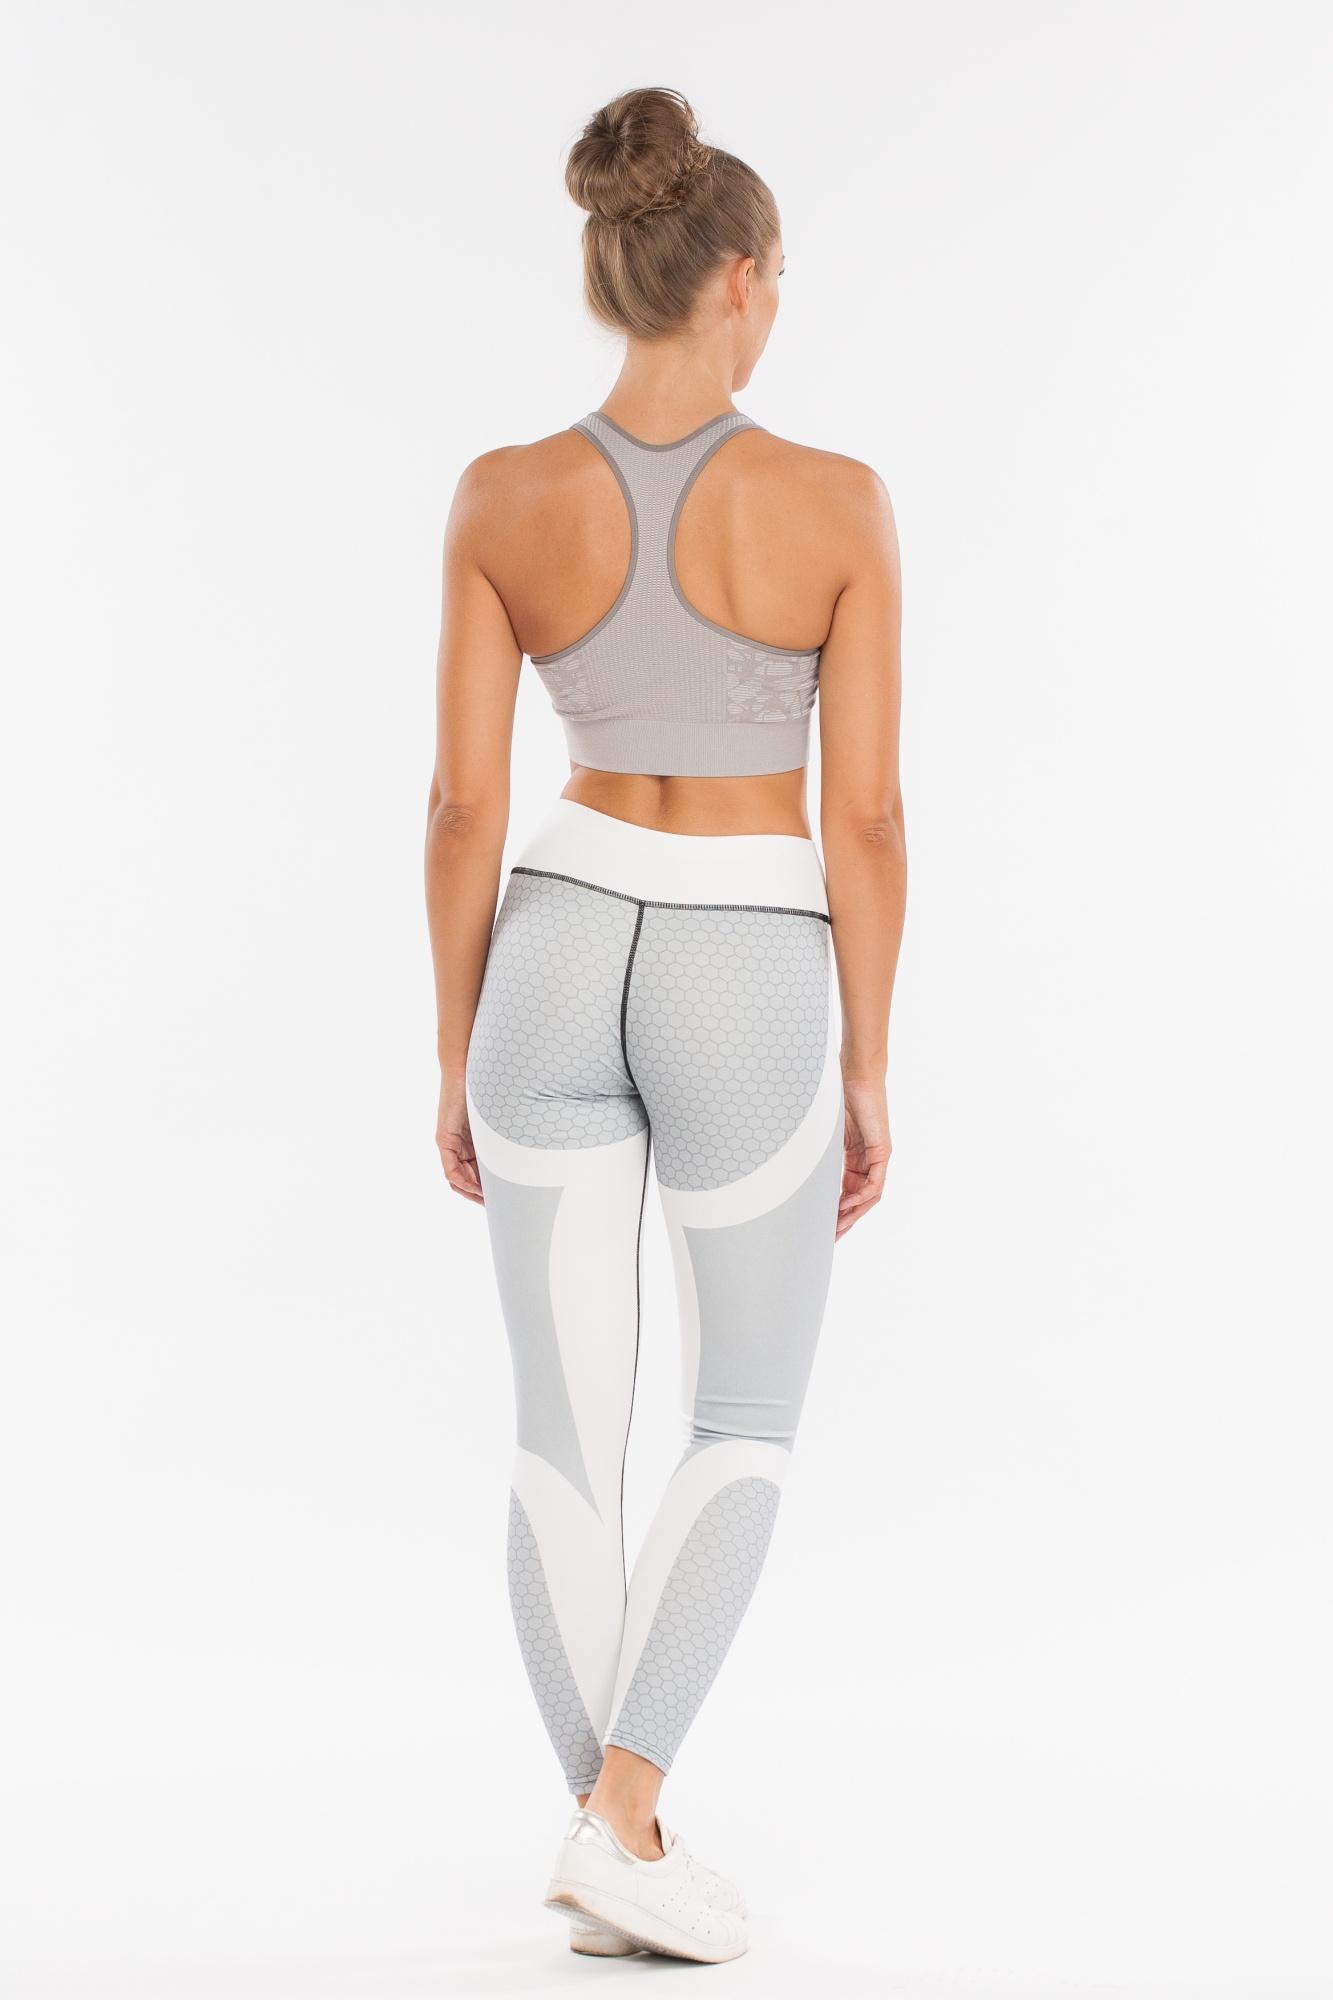 Леггинсы женские Morera, цвет: Серый. Размер 4893093 GREY (XL)Леггинсы для фитнеса, спорта и бега.